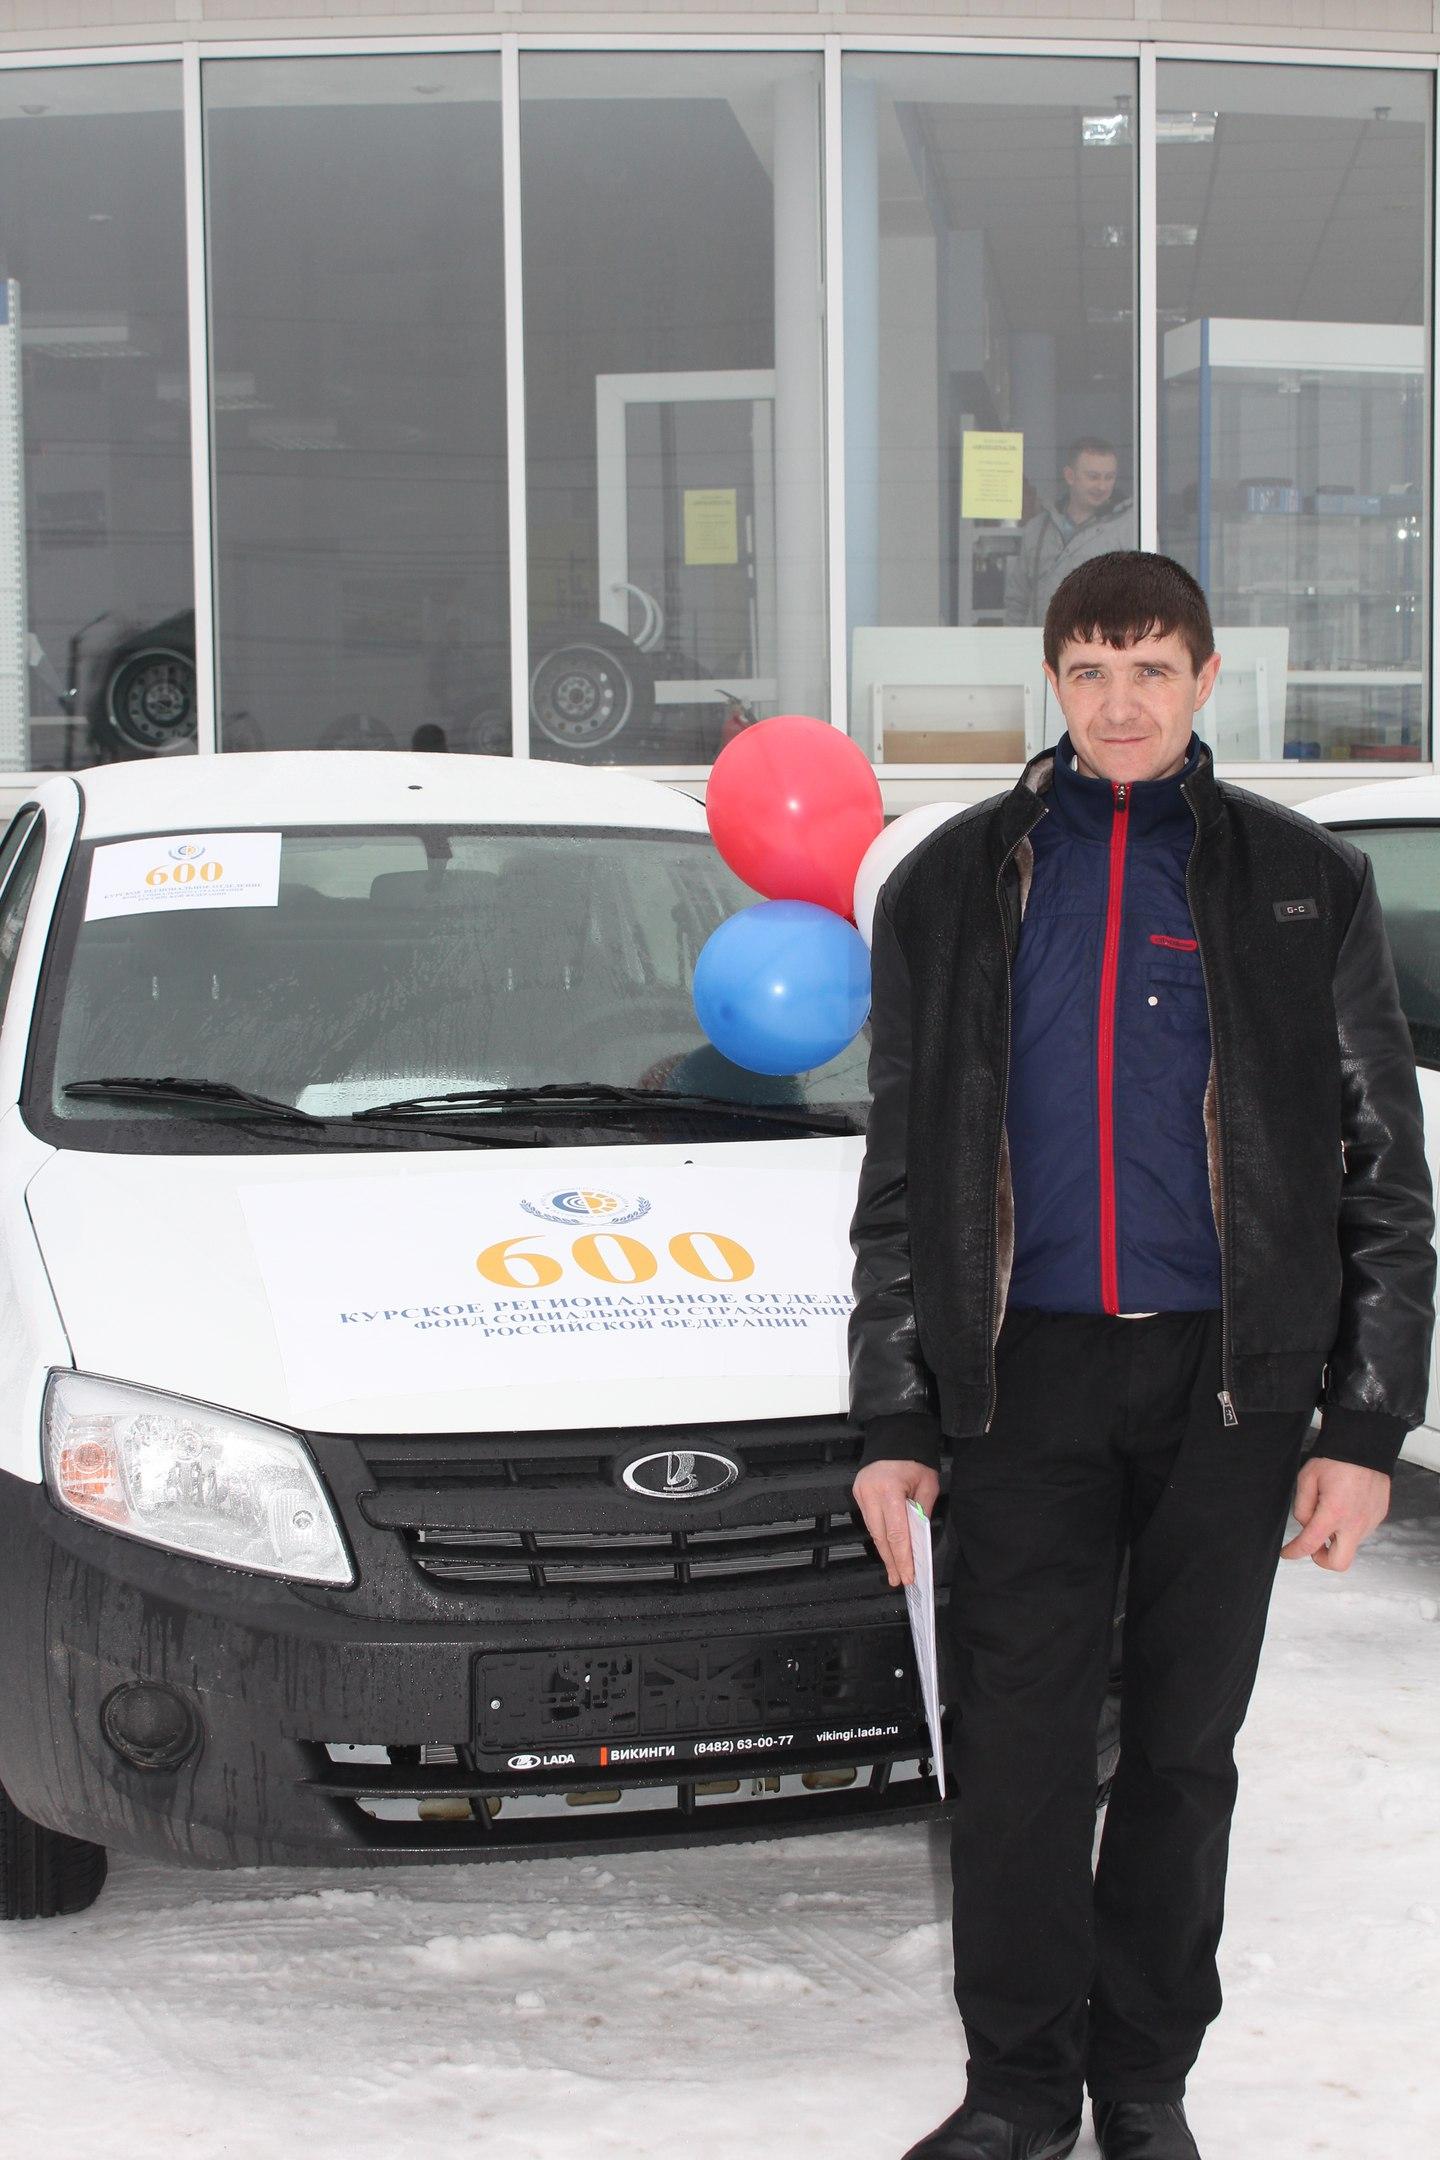 600-й автомобиль от соцстраха достался жителю Обоянского района